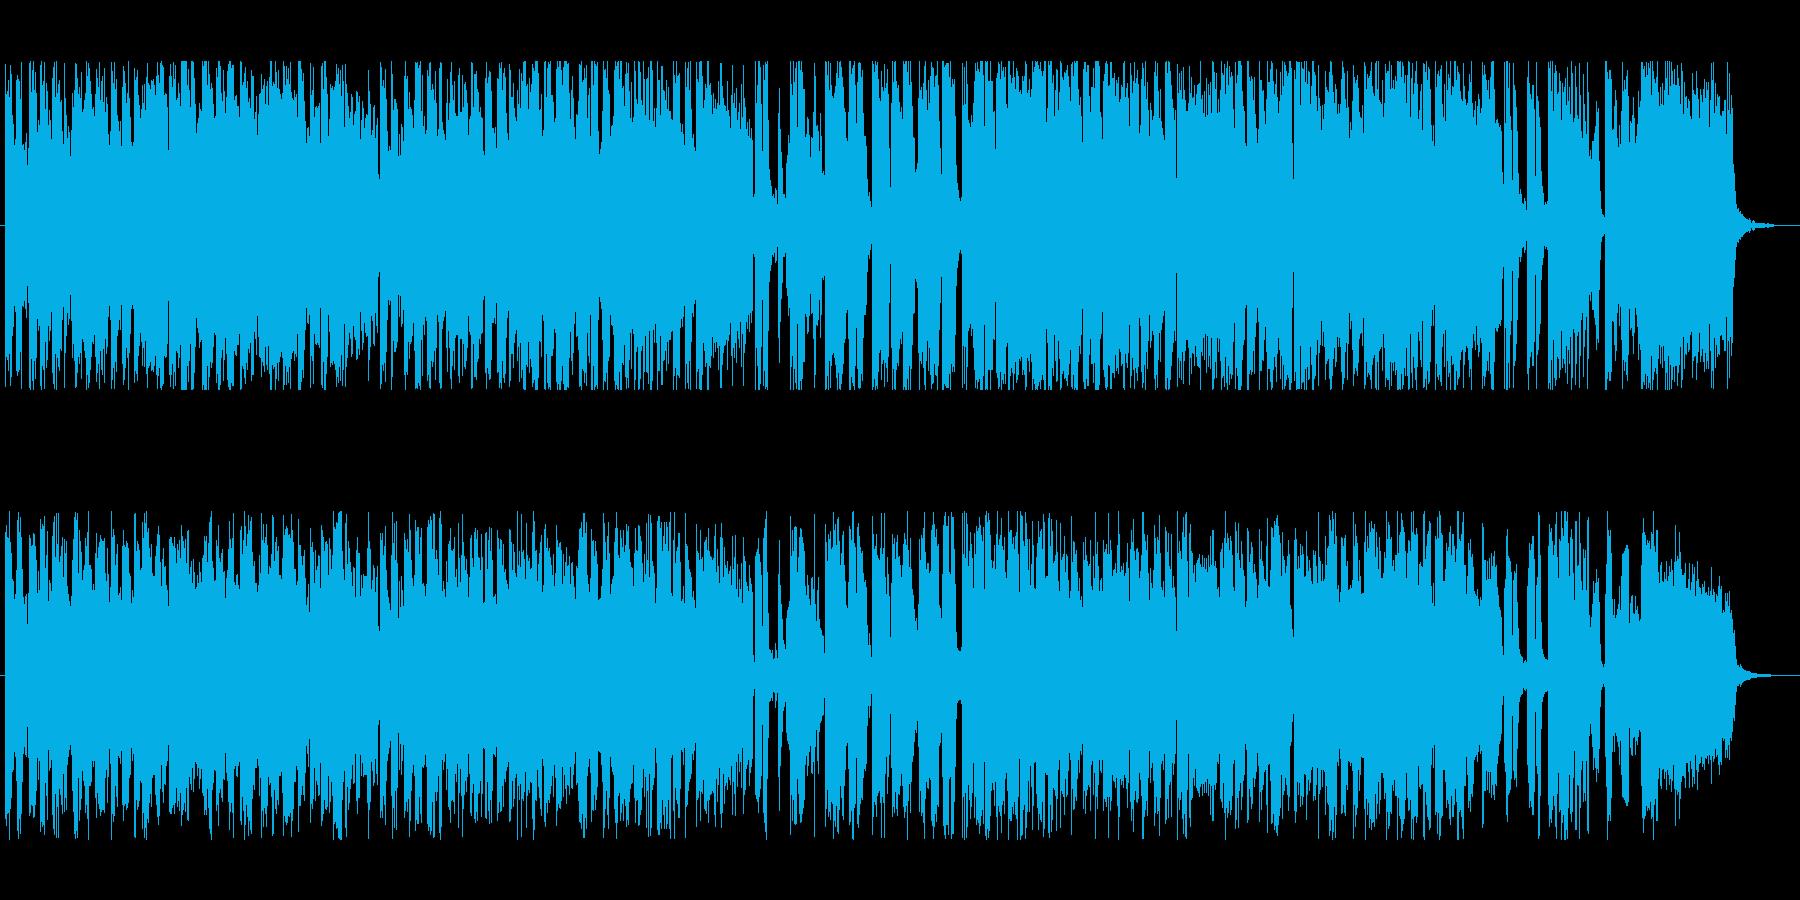 通販番組のあらゆる場面にの再生済みの波形